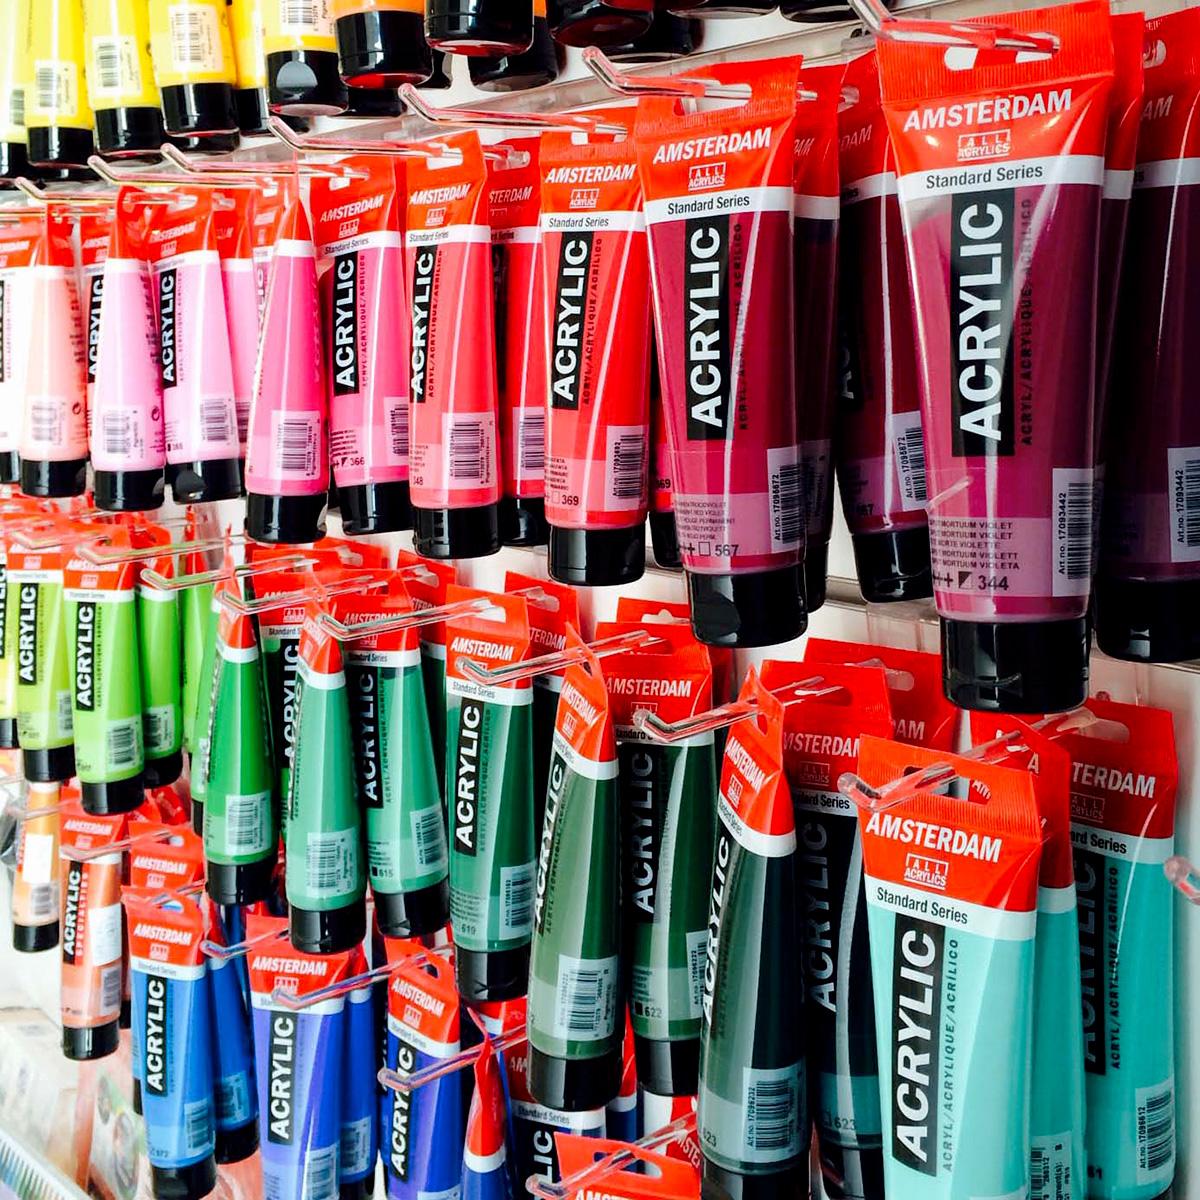 ozartis-la-rochelle-produits-peinture-acrylique-amsterdam